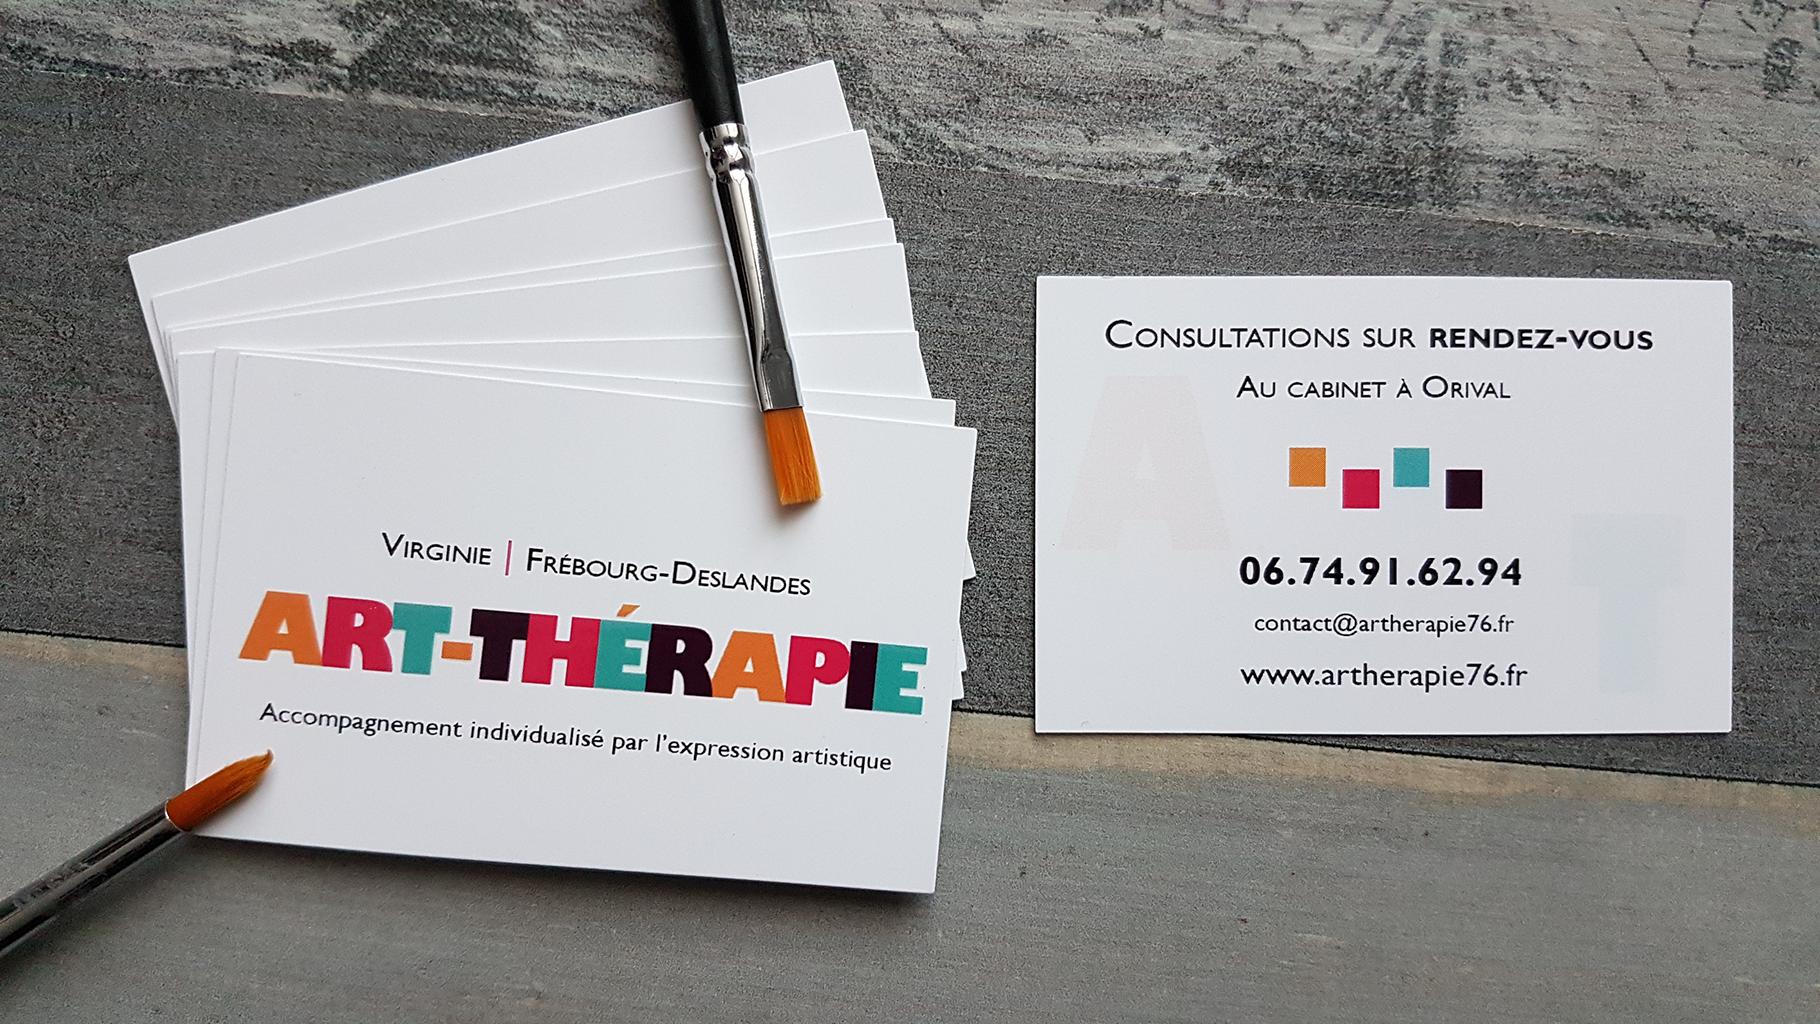 Paru dans le journal de Moulineaux / Art-thérapie